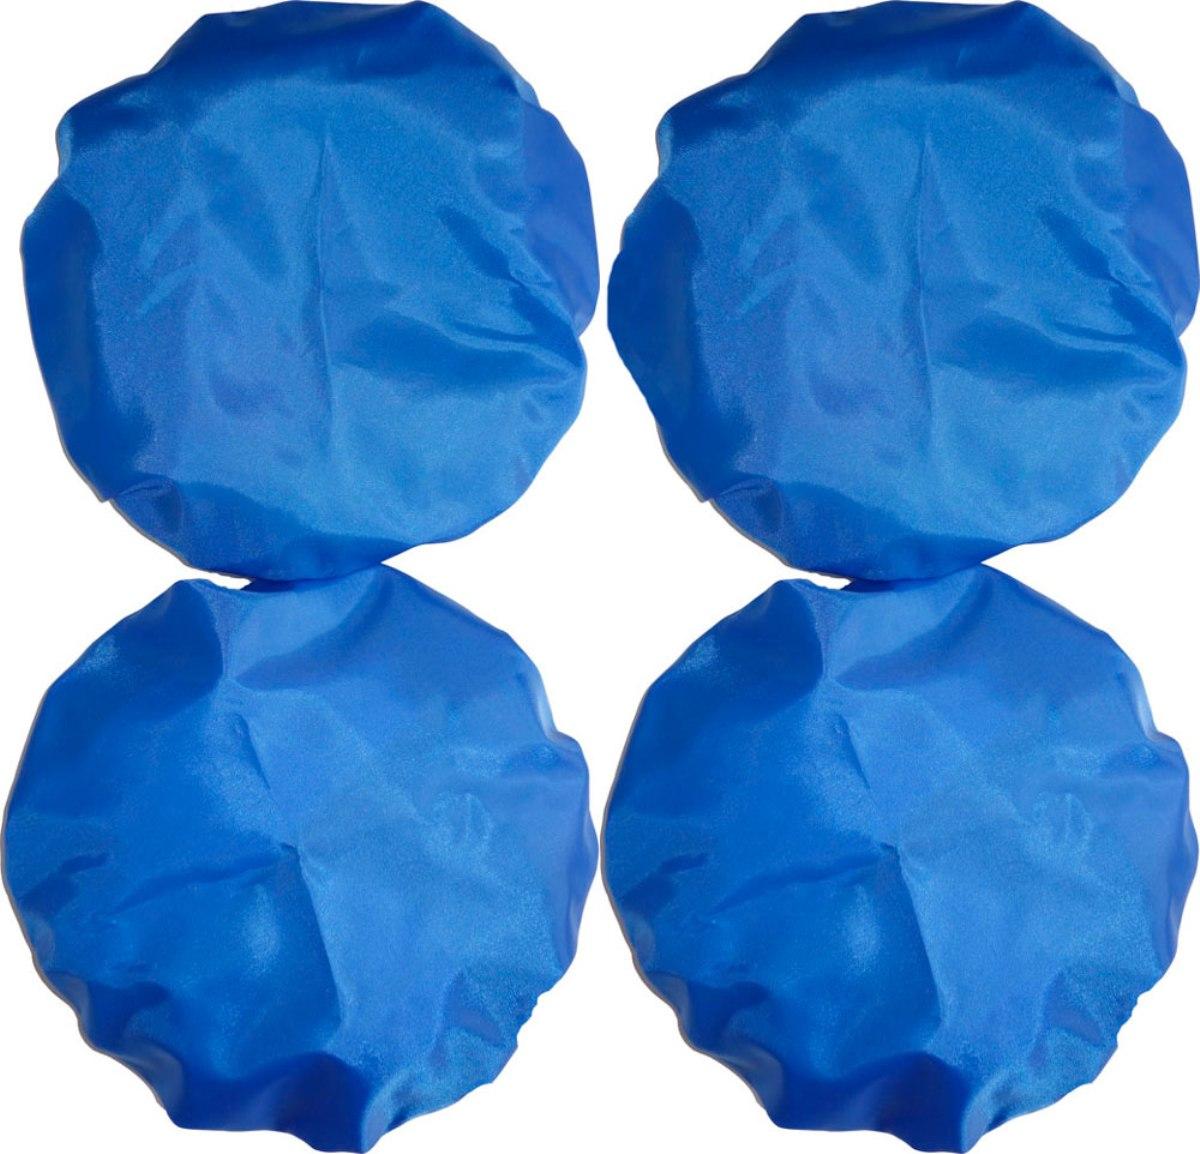 Чудо-Чадо Чехлы на колеса для коляски диаметр 28-38 см цвет синий 4 шт -  Аксессуары для колясок